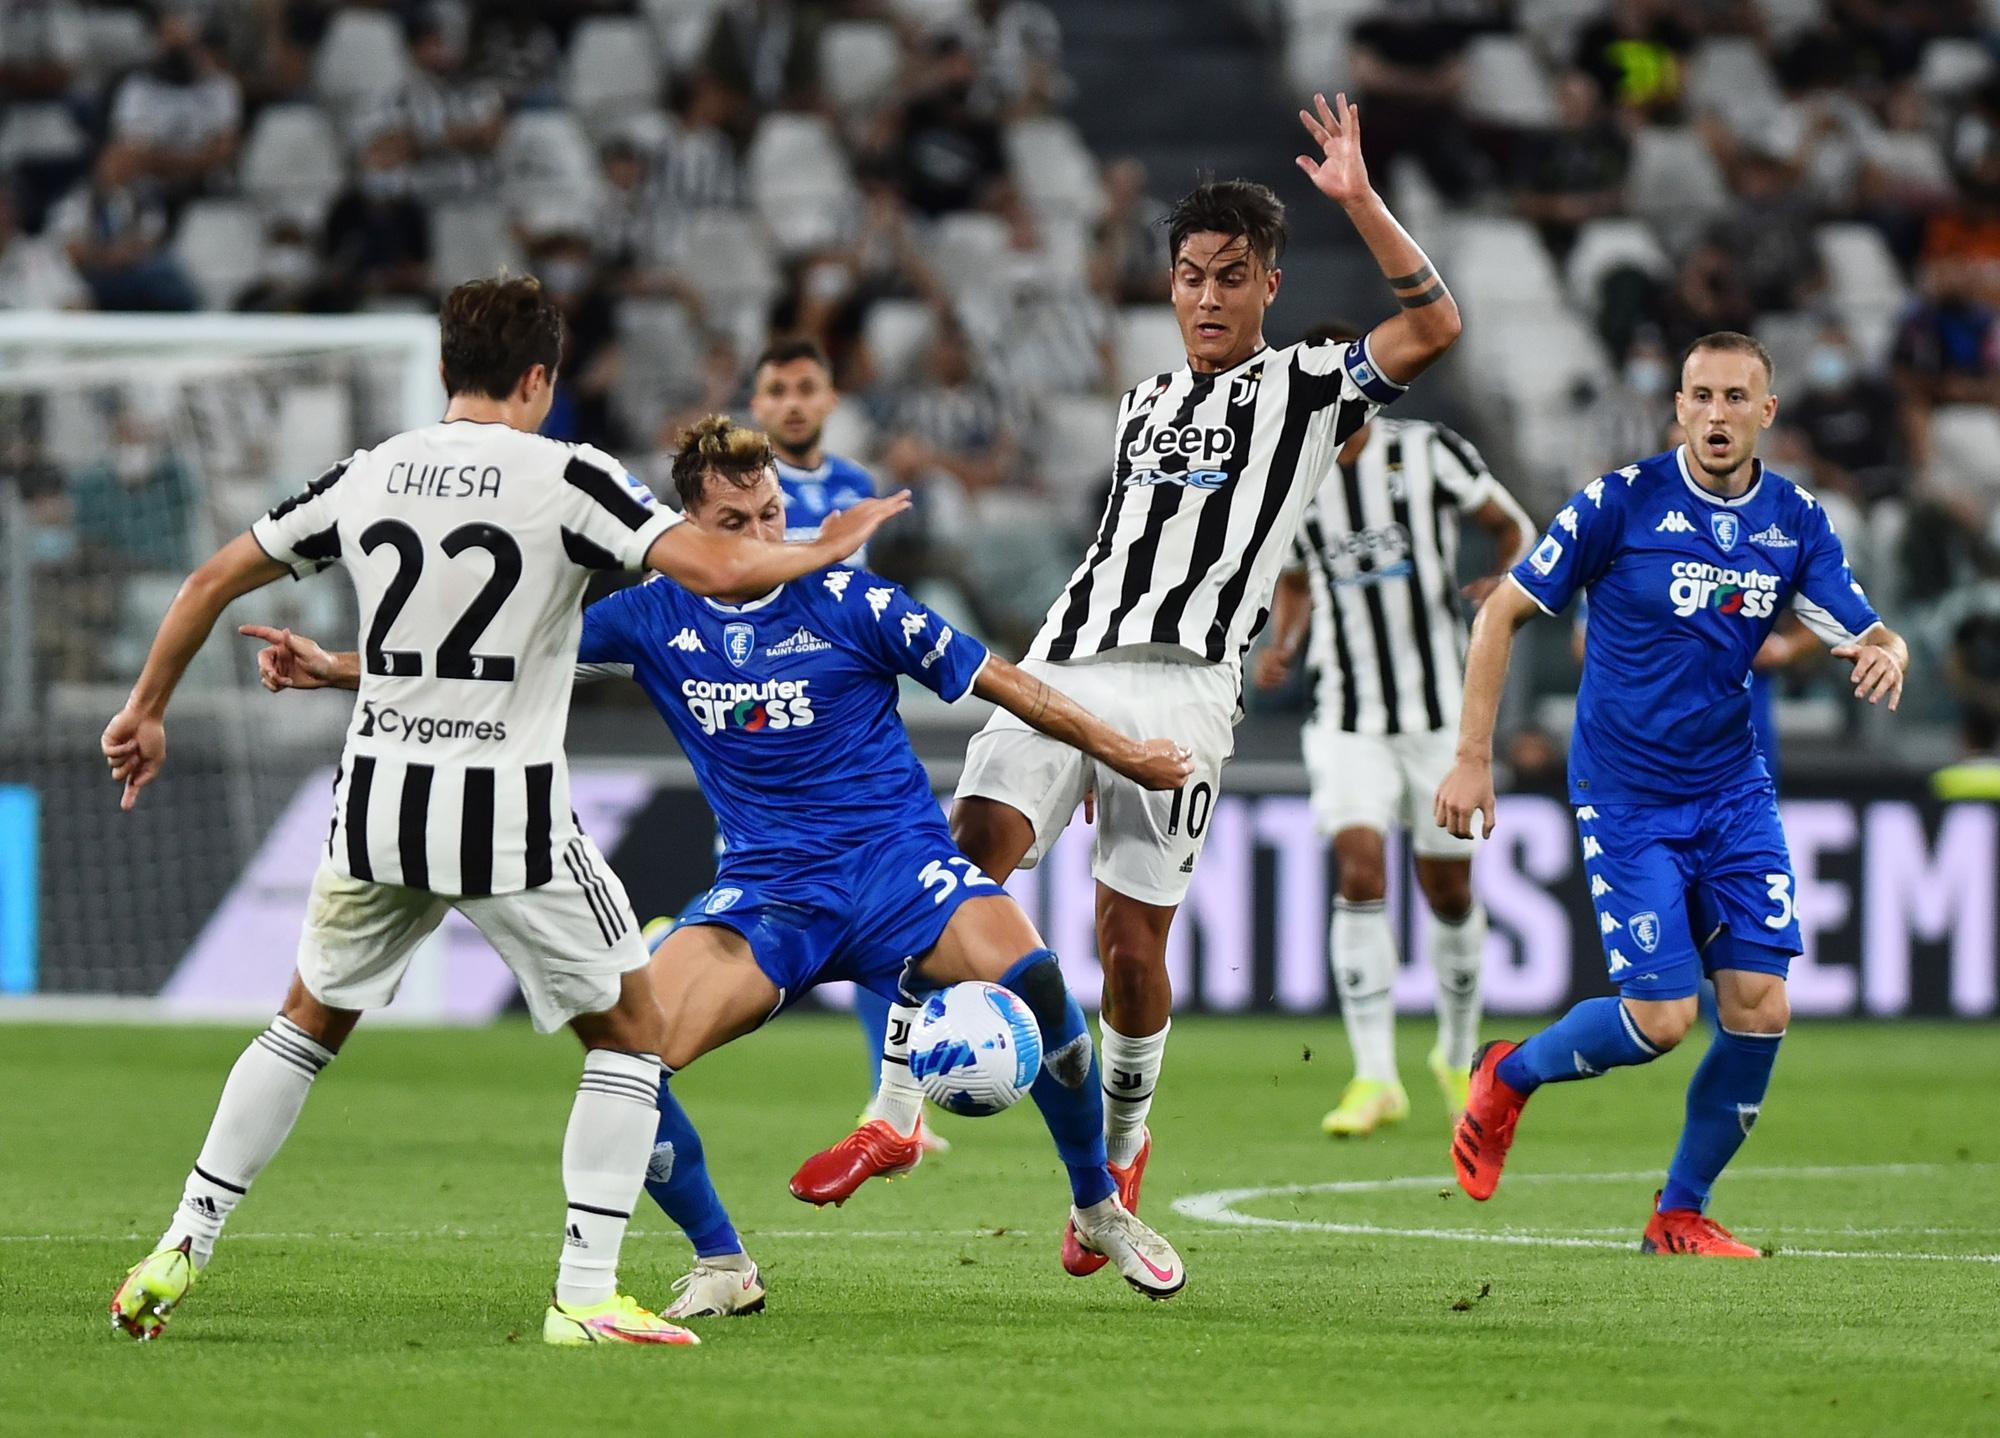 Juventus gặp nhiều khó khăn trong lực lượng trước trận gặp Napoli